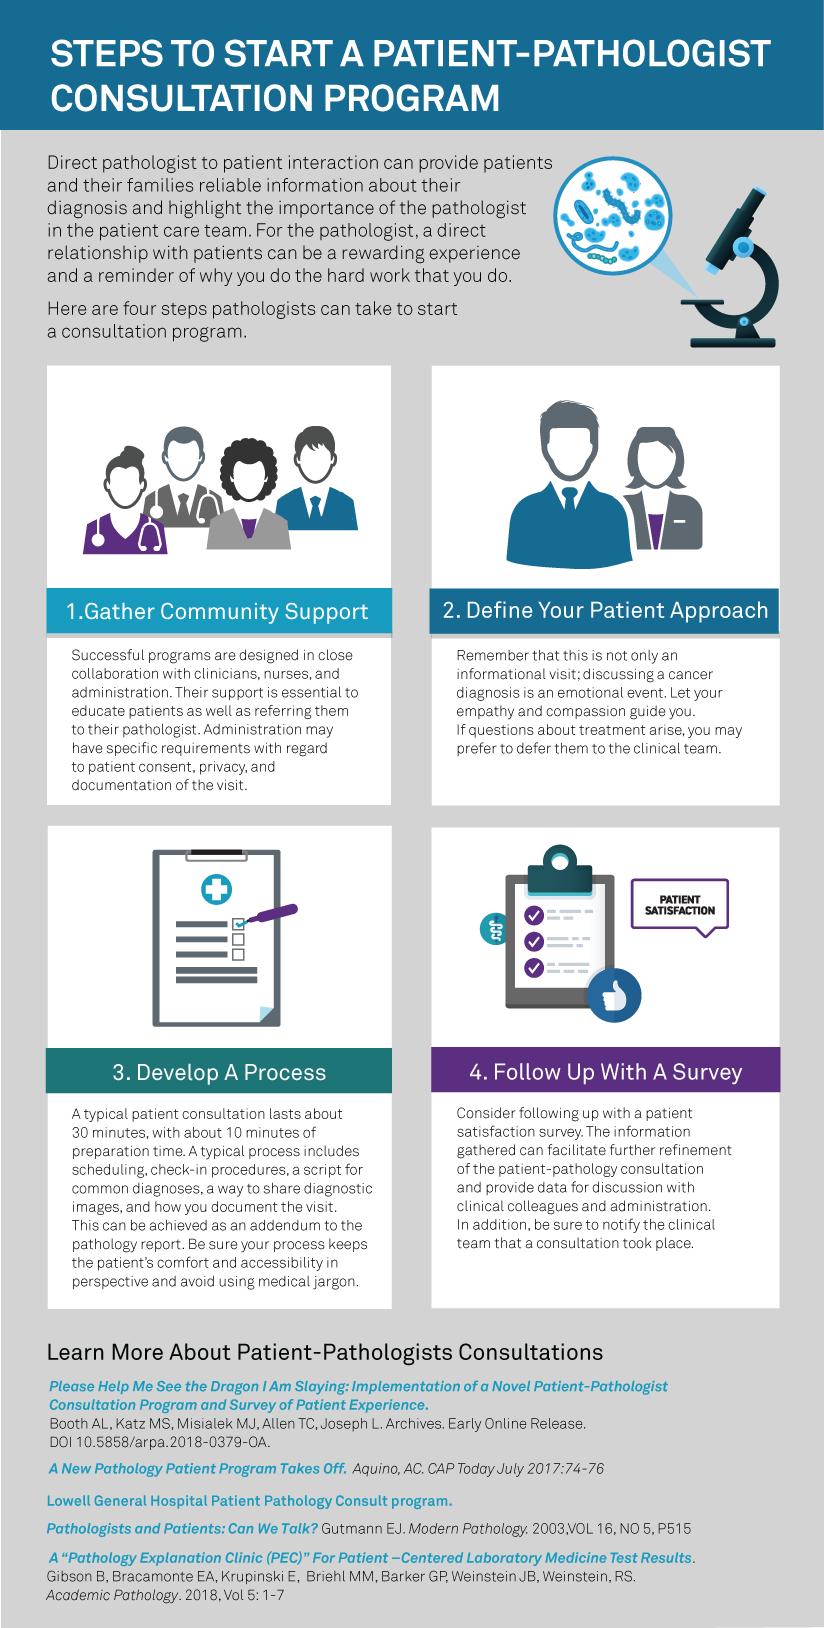 Steps to Start a Patient-Pathologist Consultation Program